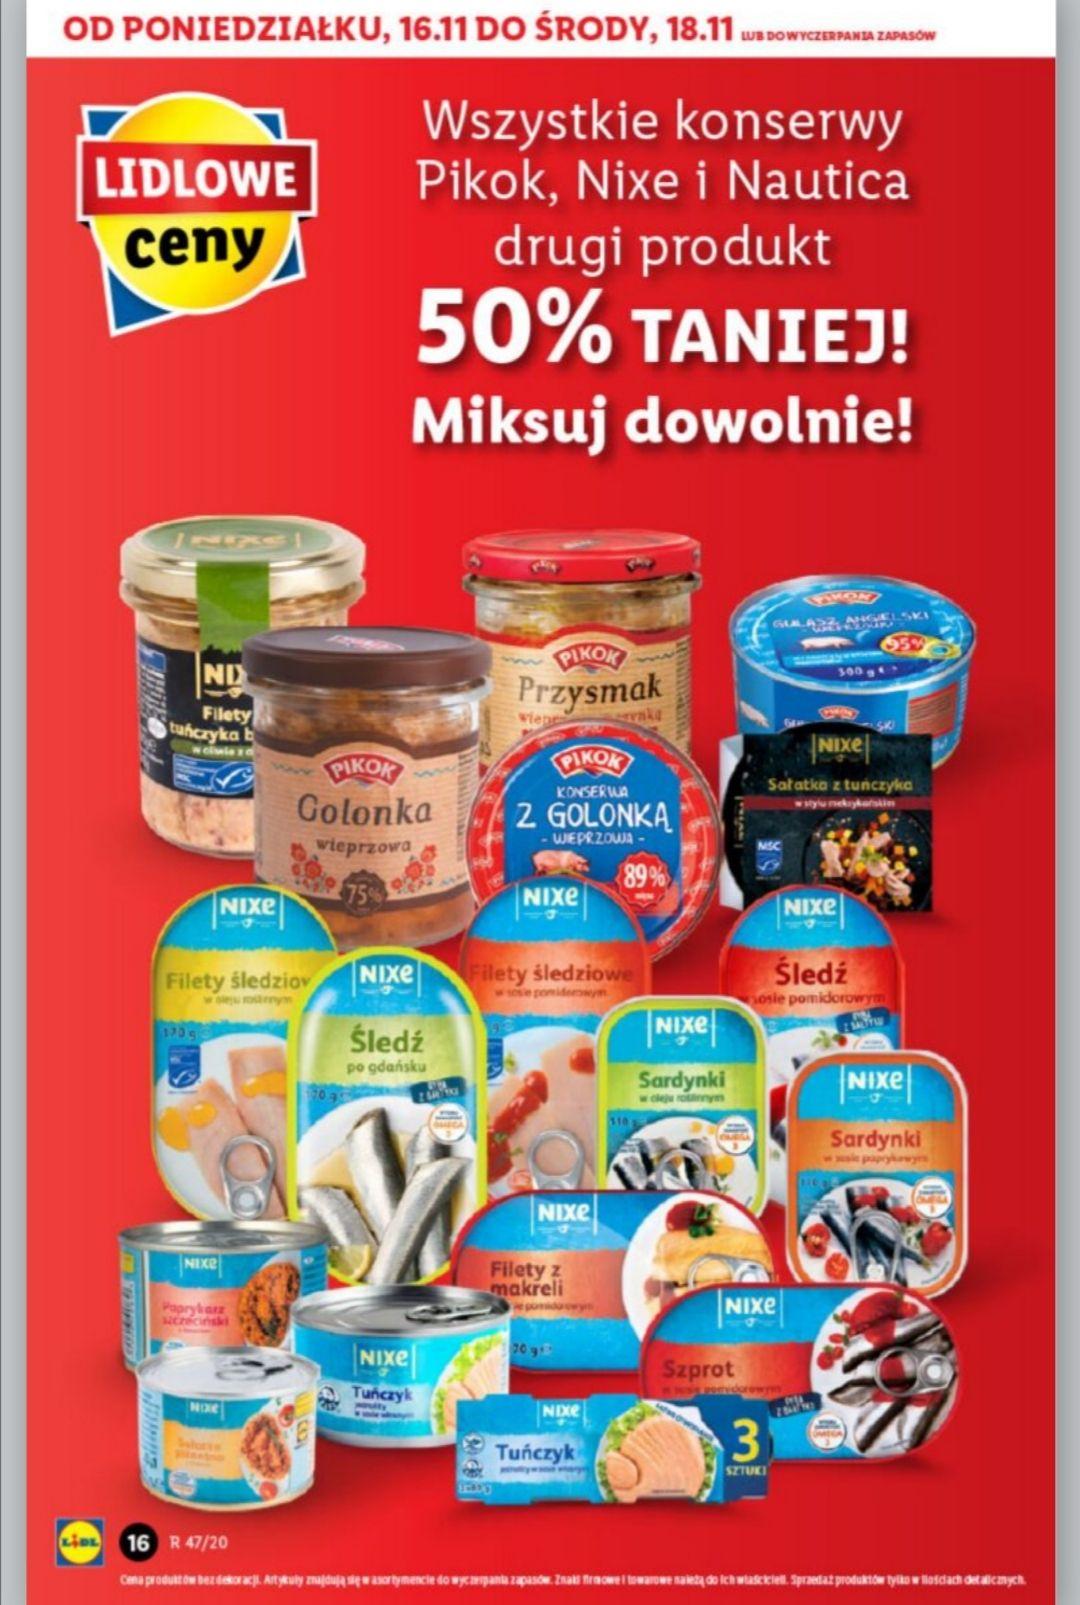 Lidl - wszystkie konserwy Pikok, Nixe, Nautica -50% druga sztuka. Możliwość mieszania.